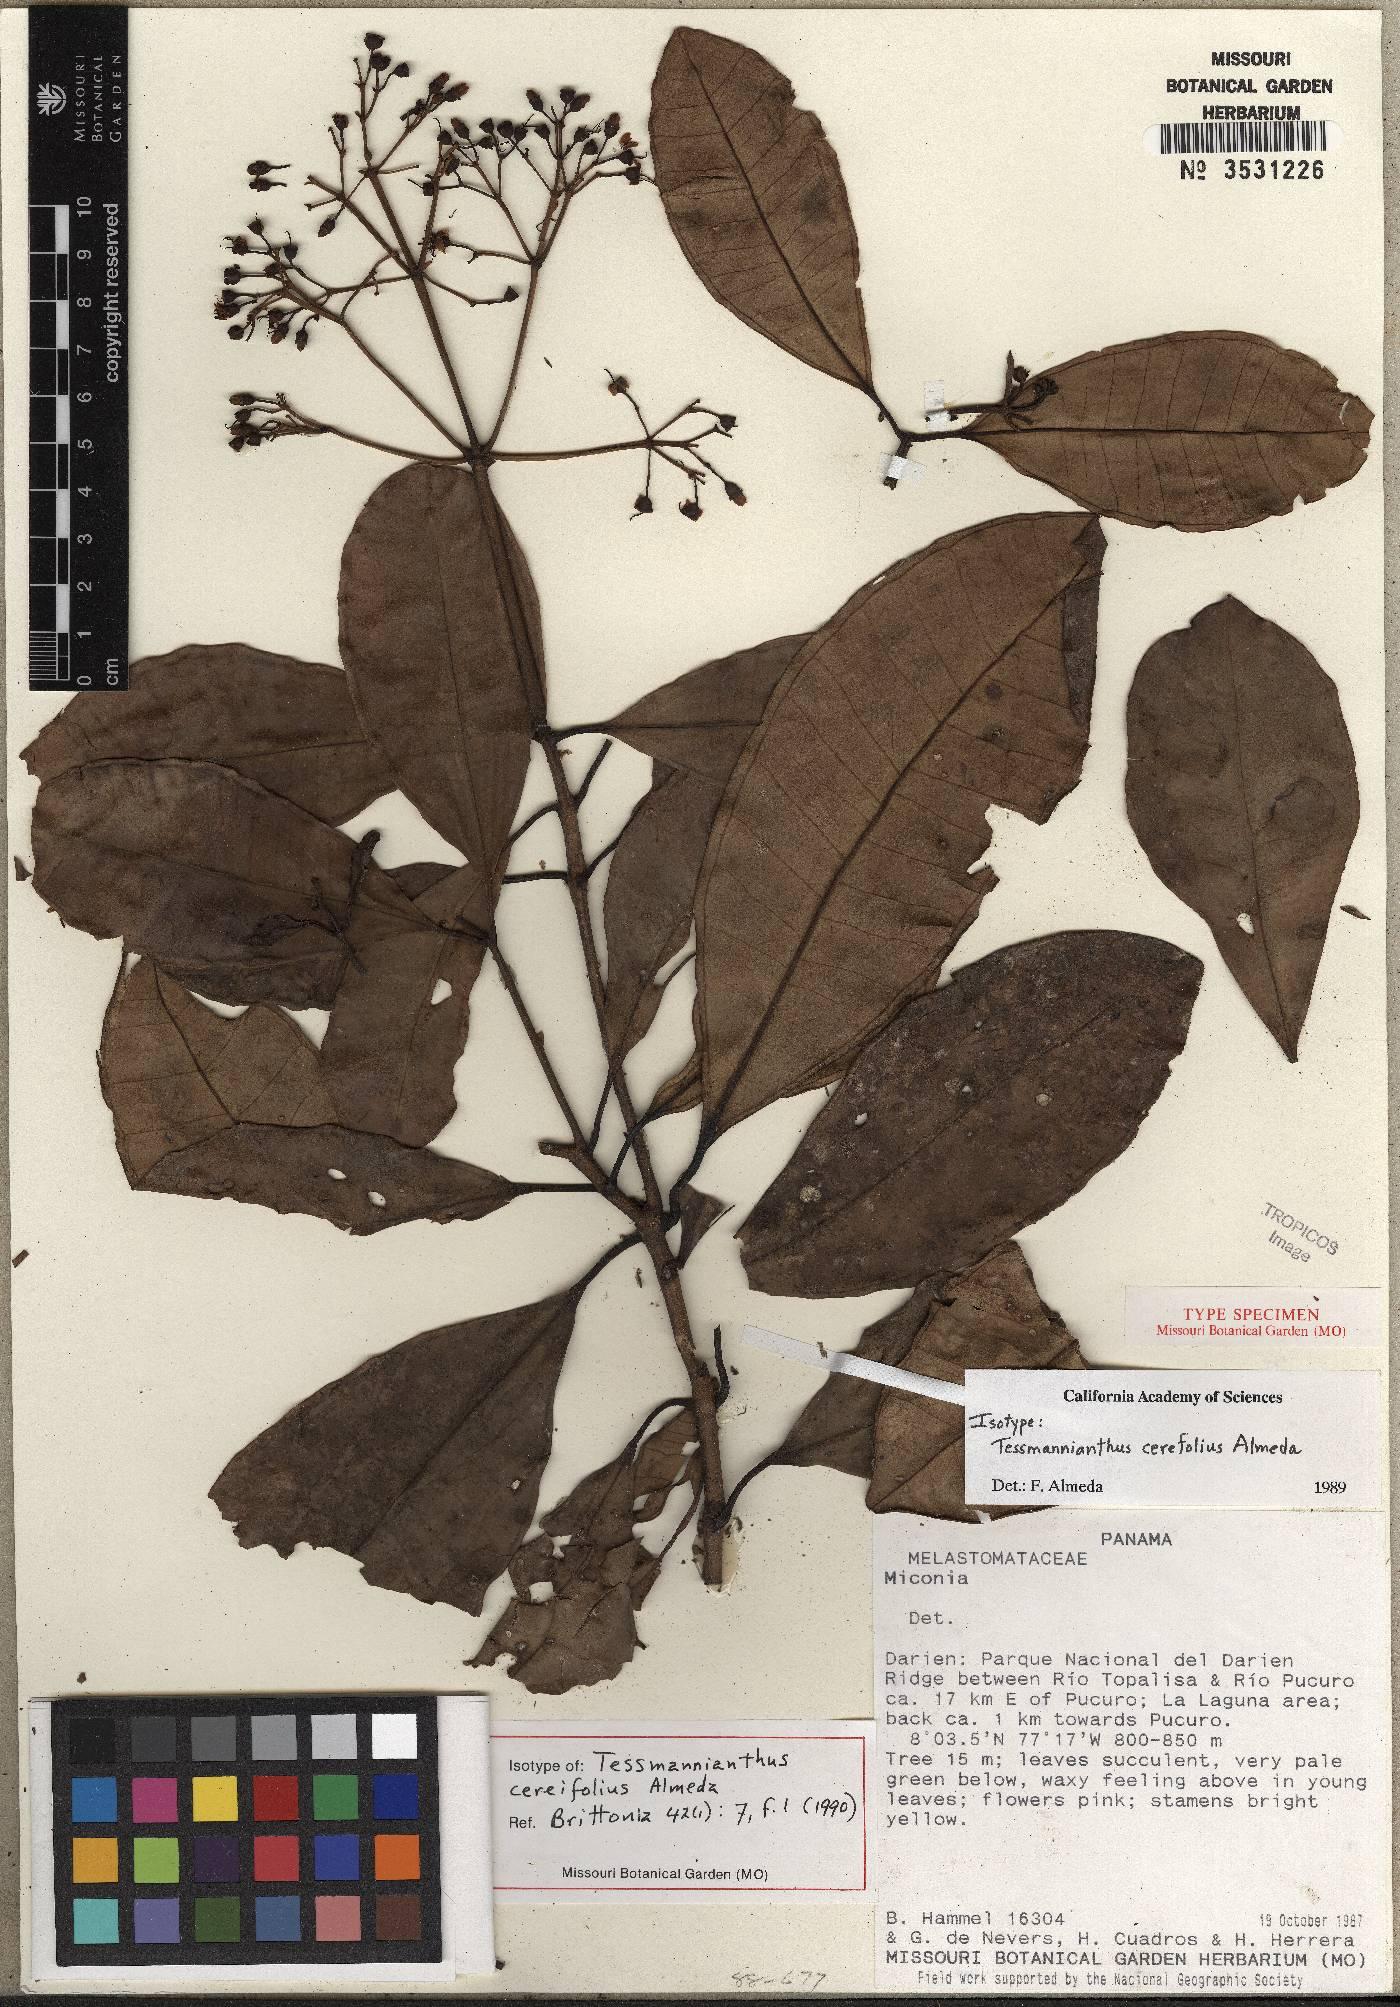 Tessmannianthus cereifolius image